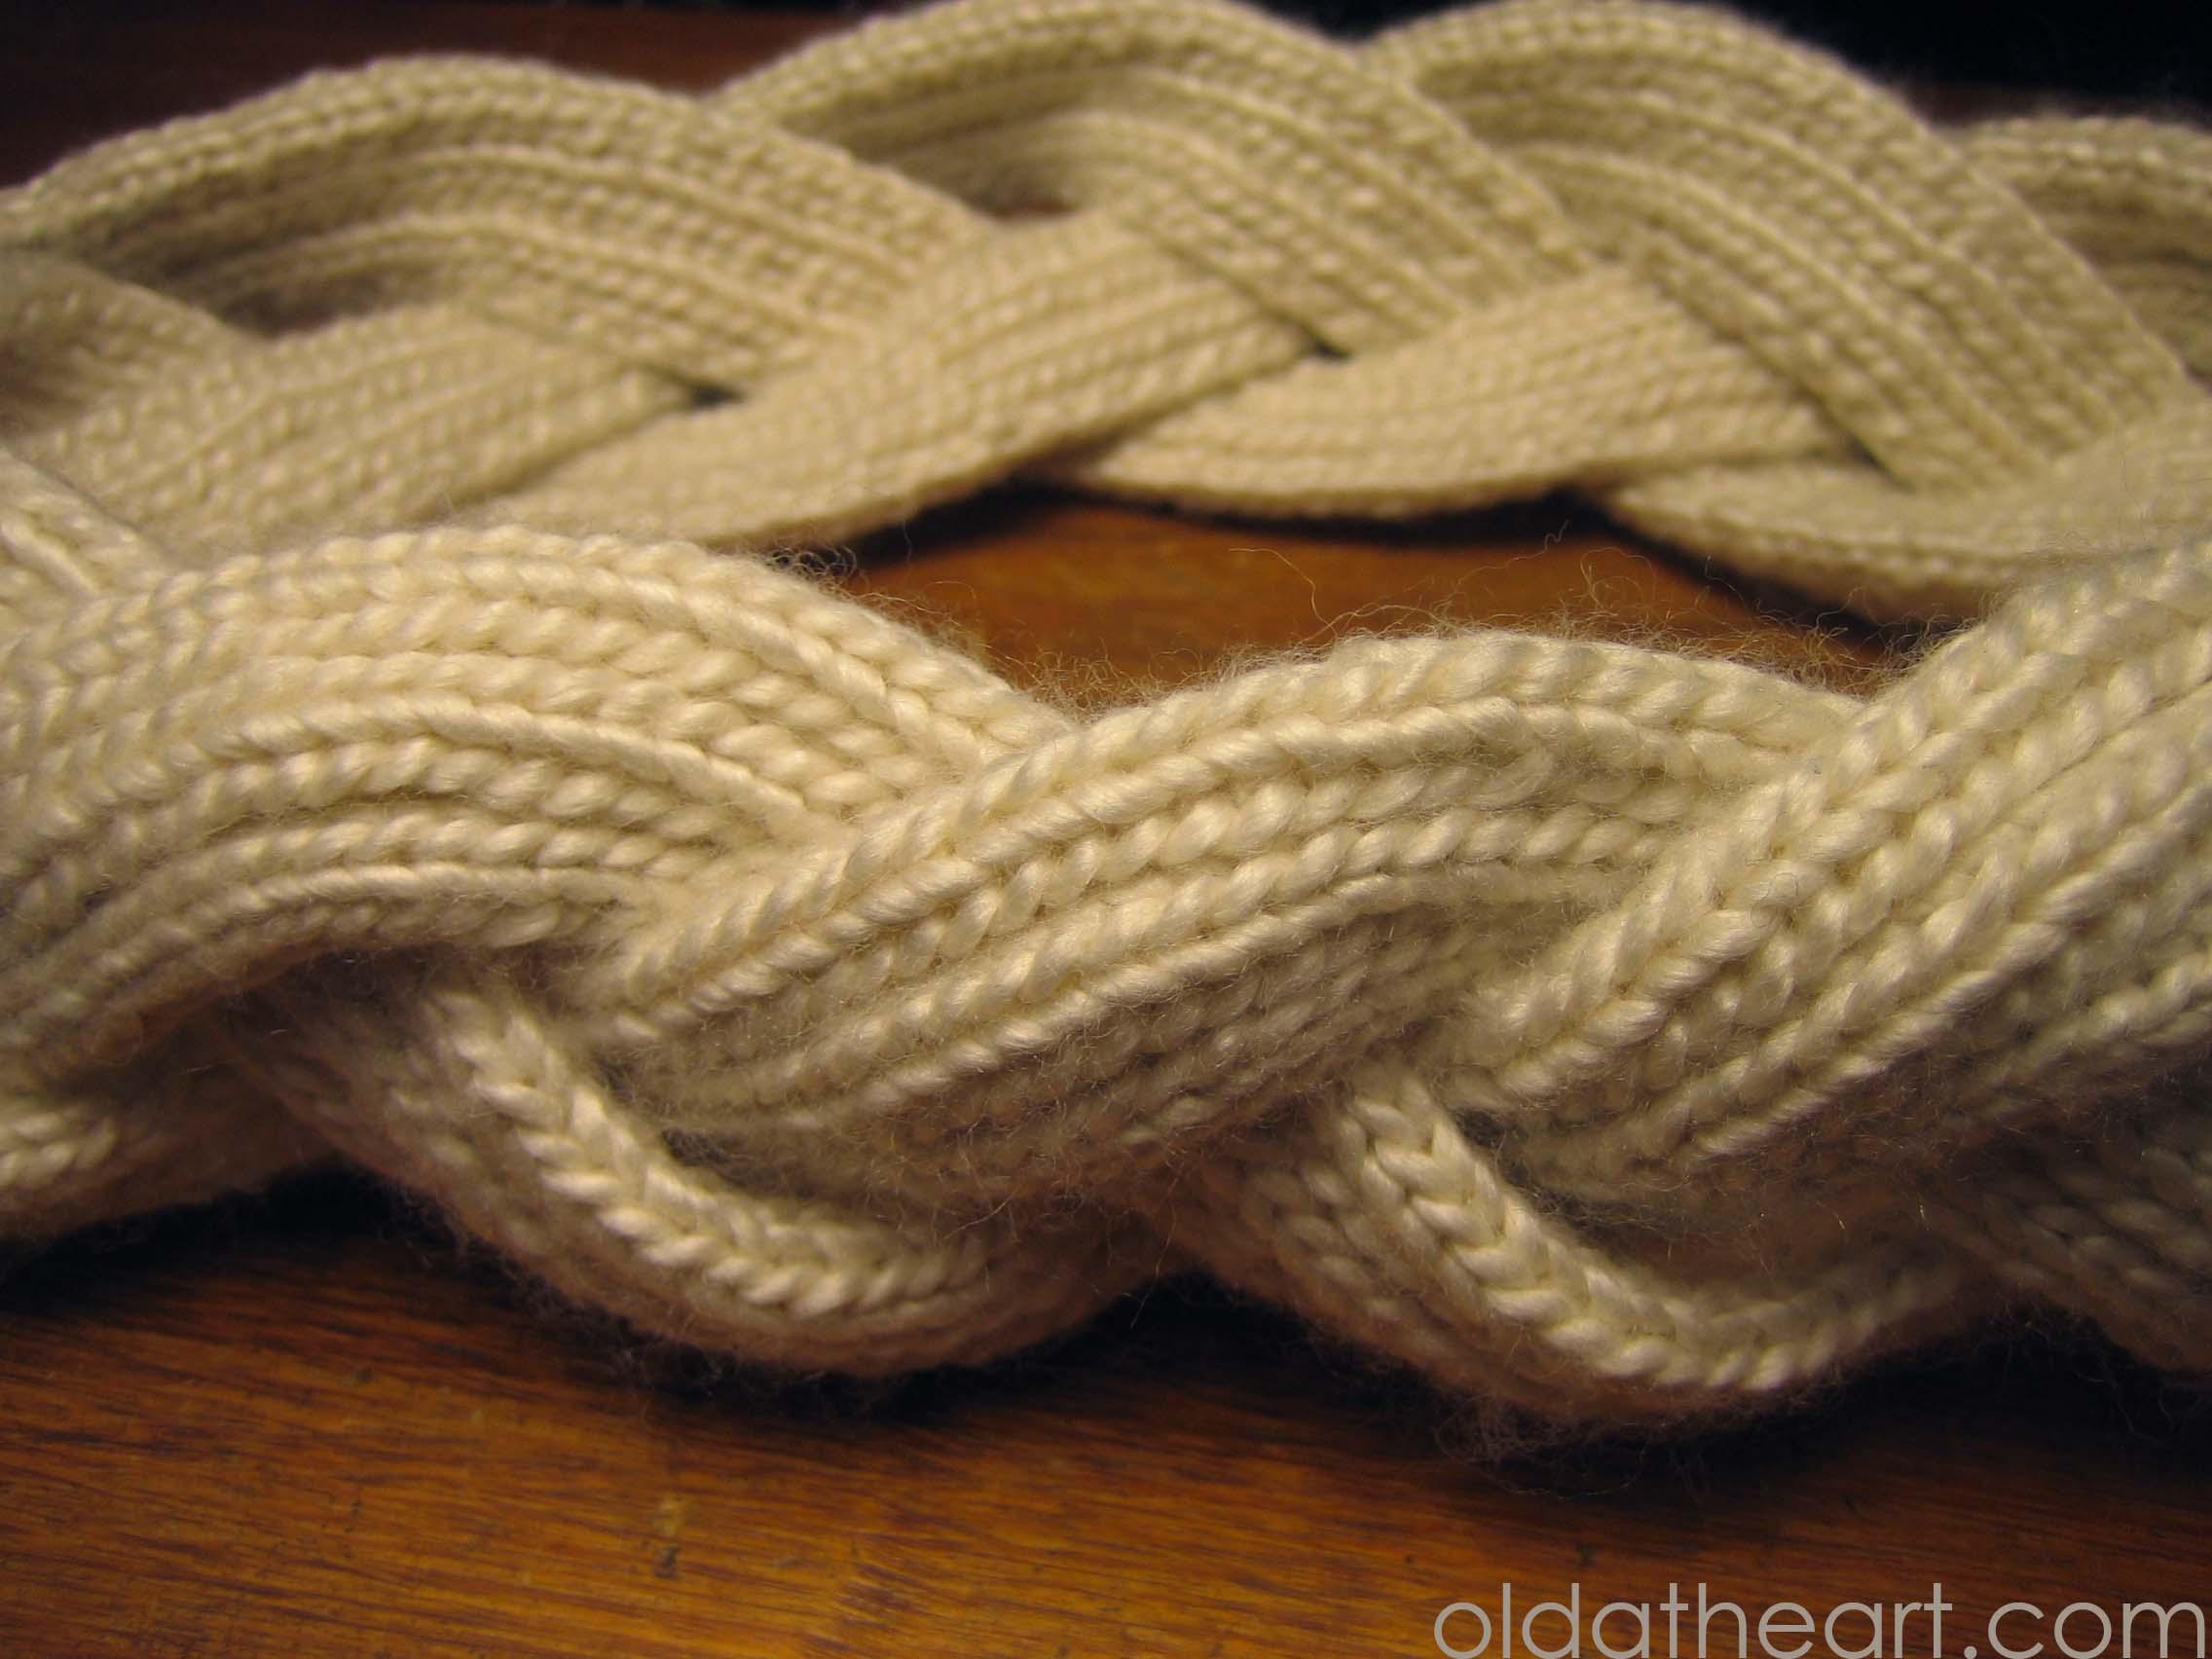 knitting | old at heart